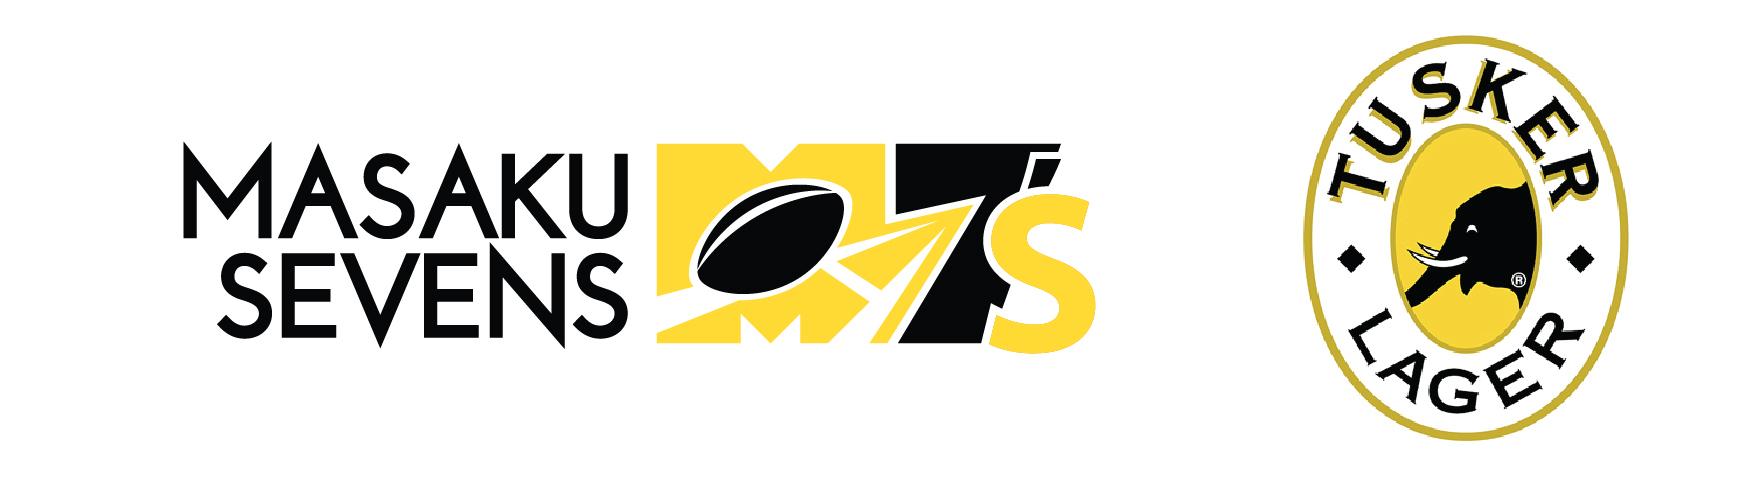 Masaku Sevens Logo 1-02